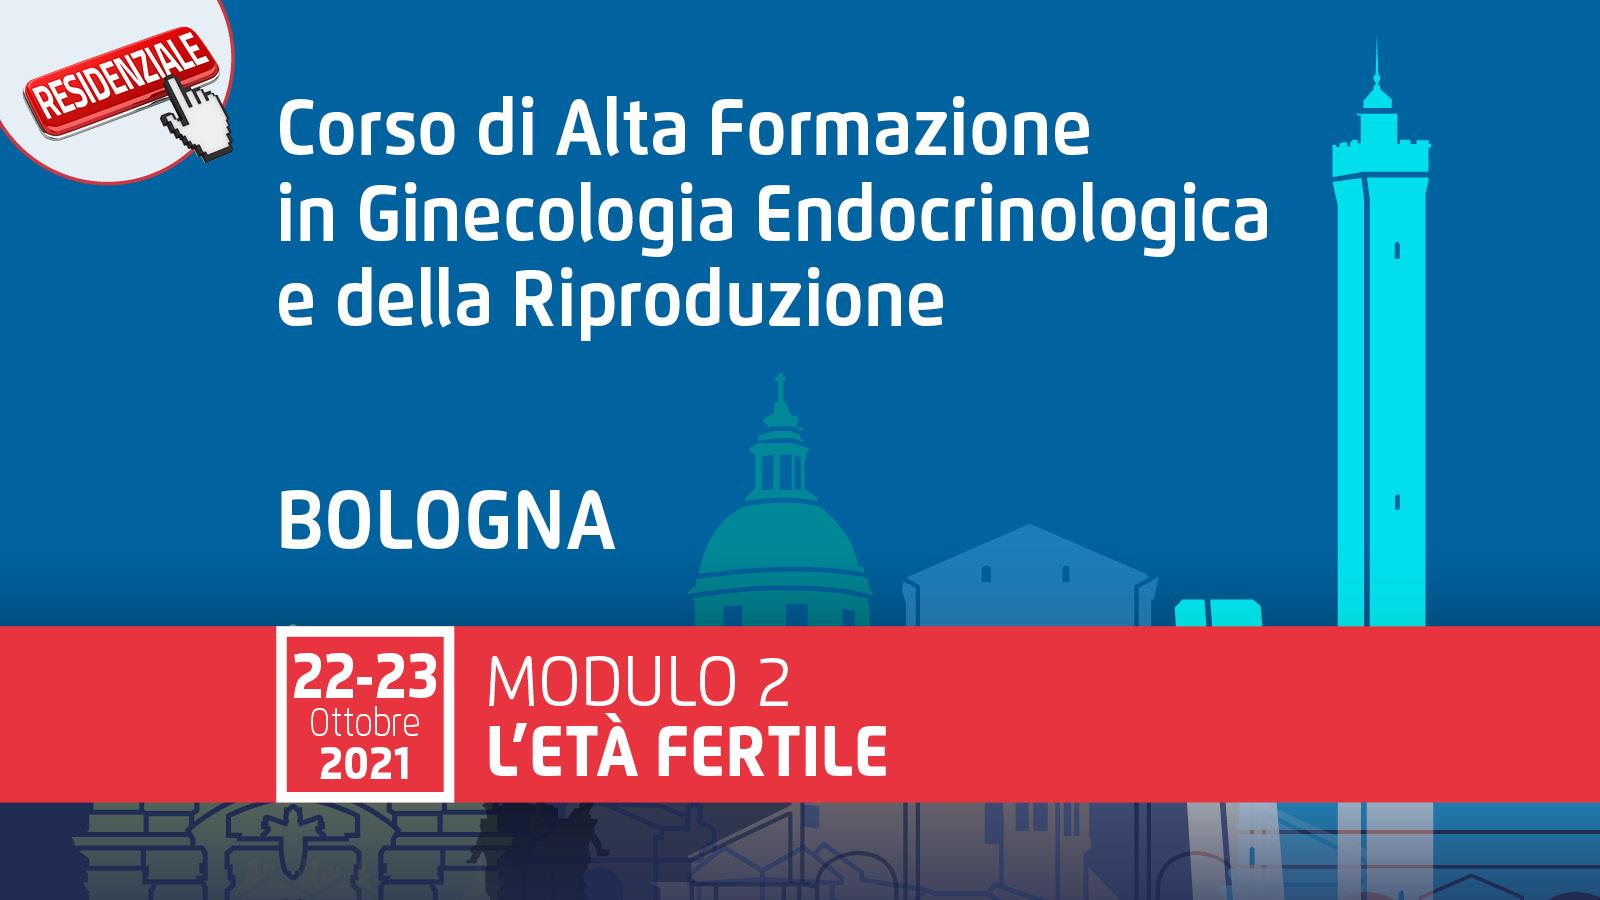 Corso di Alta Formazione in Ginecologia Endocrinologica e della Riproduzione. Modulo 2 L'ETA' FERTILE